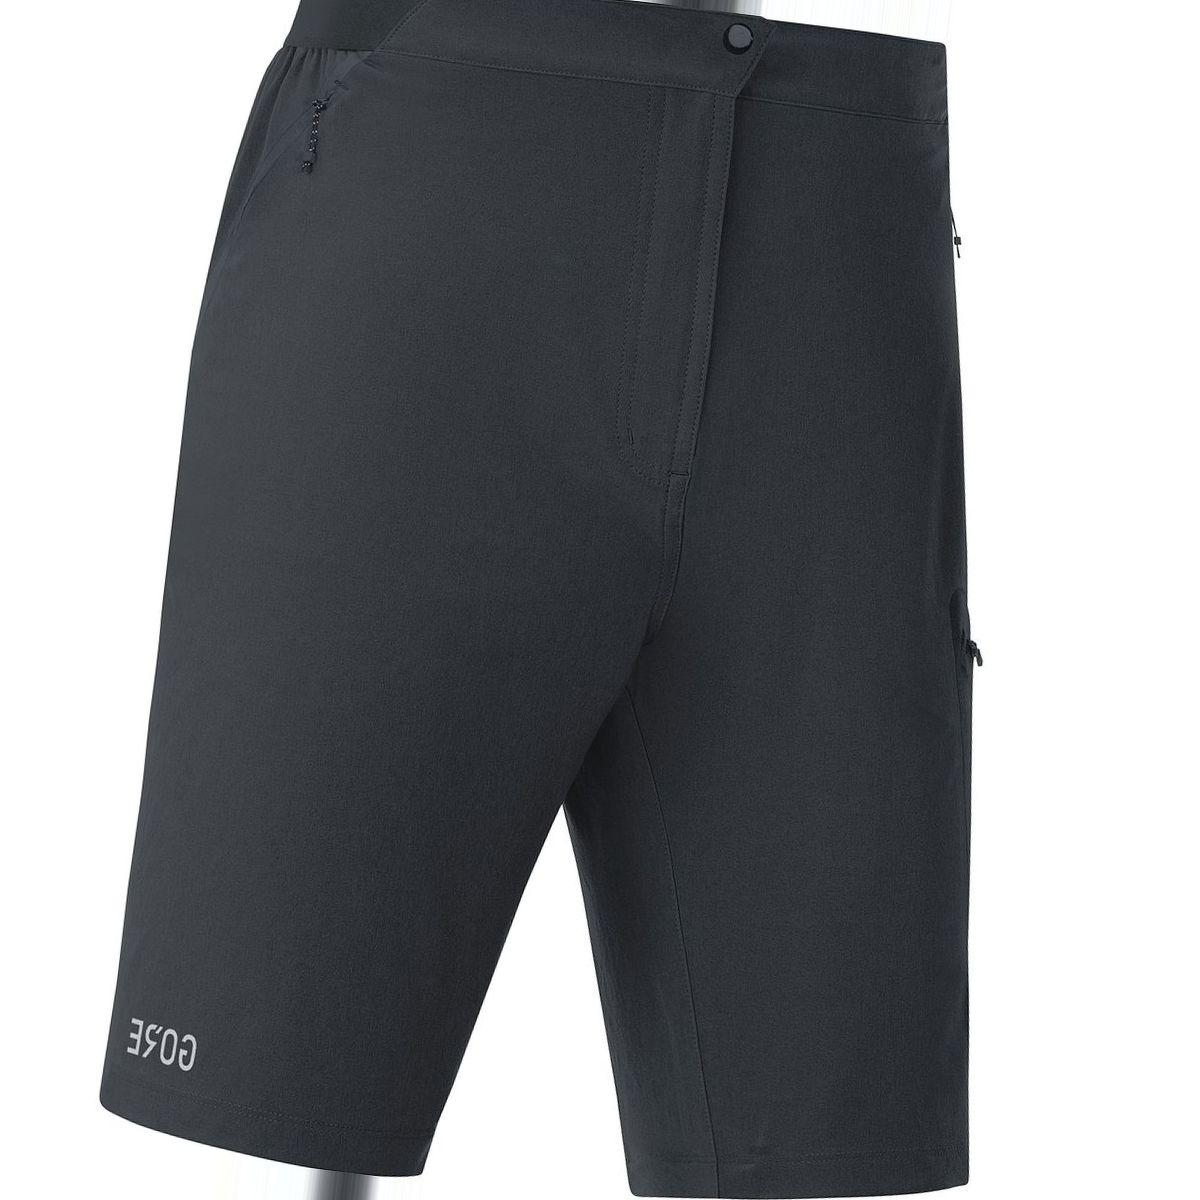 Gore Wear R5 Short - Men's